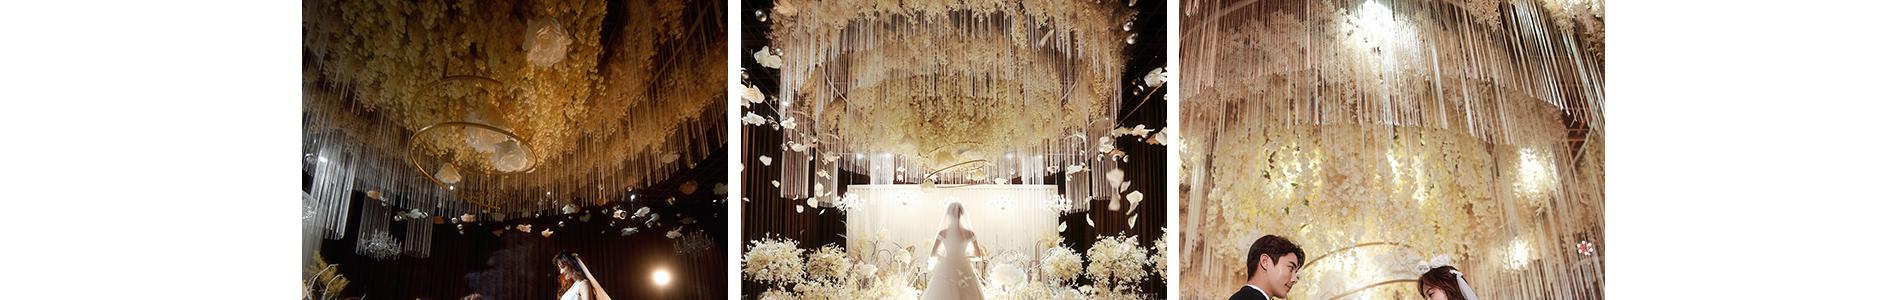 维也纳世纪婚礼